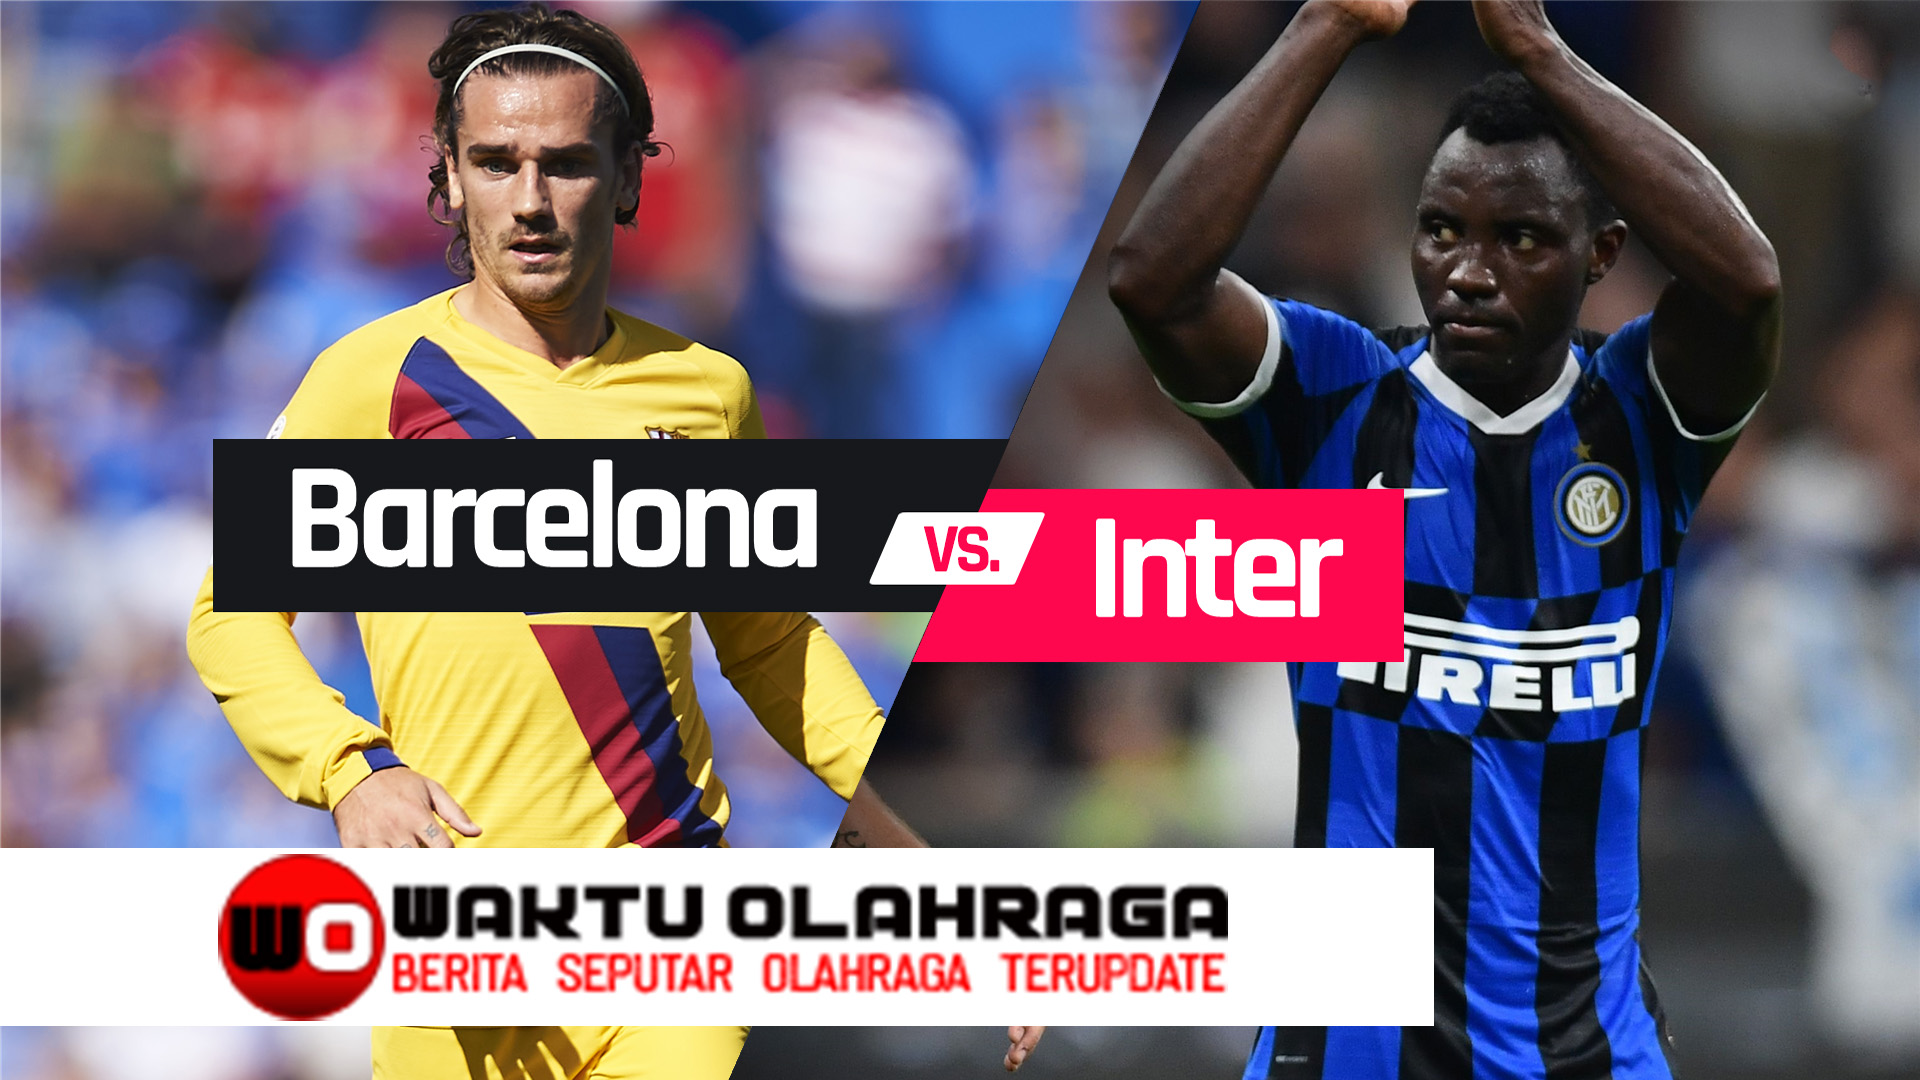 prediksi bola barcelona vs inter milan